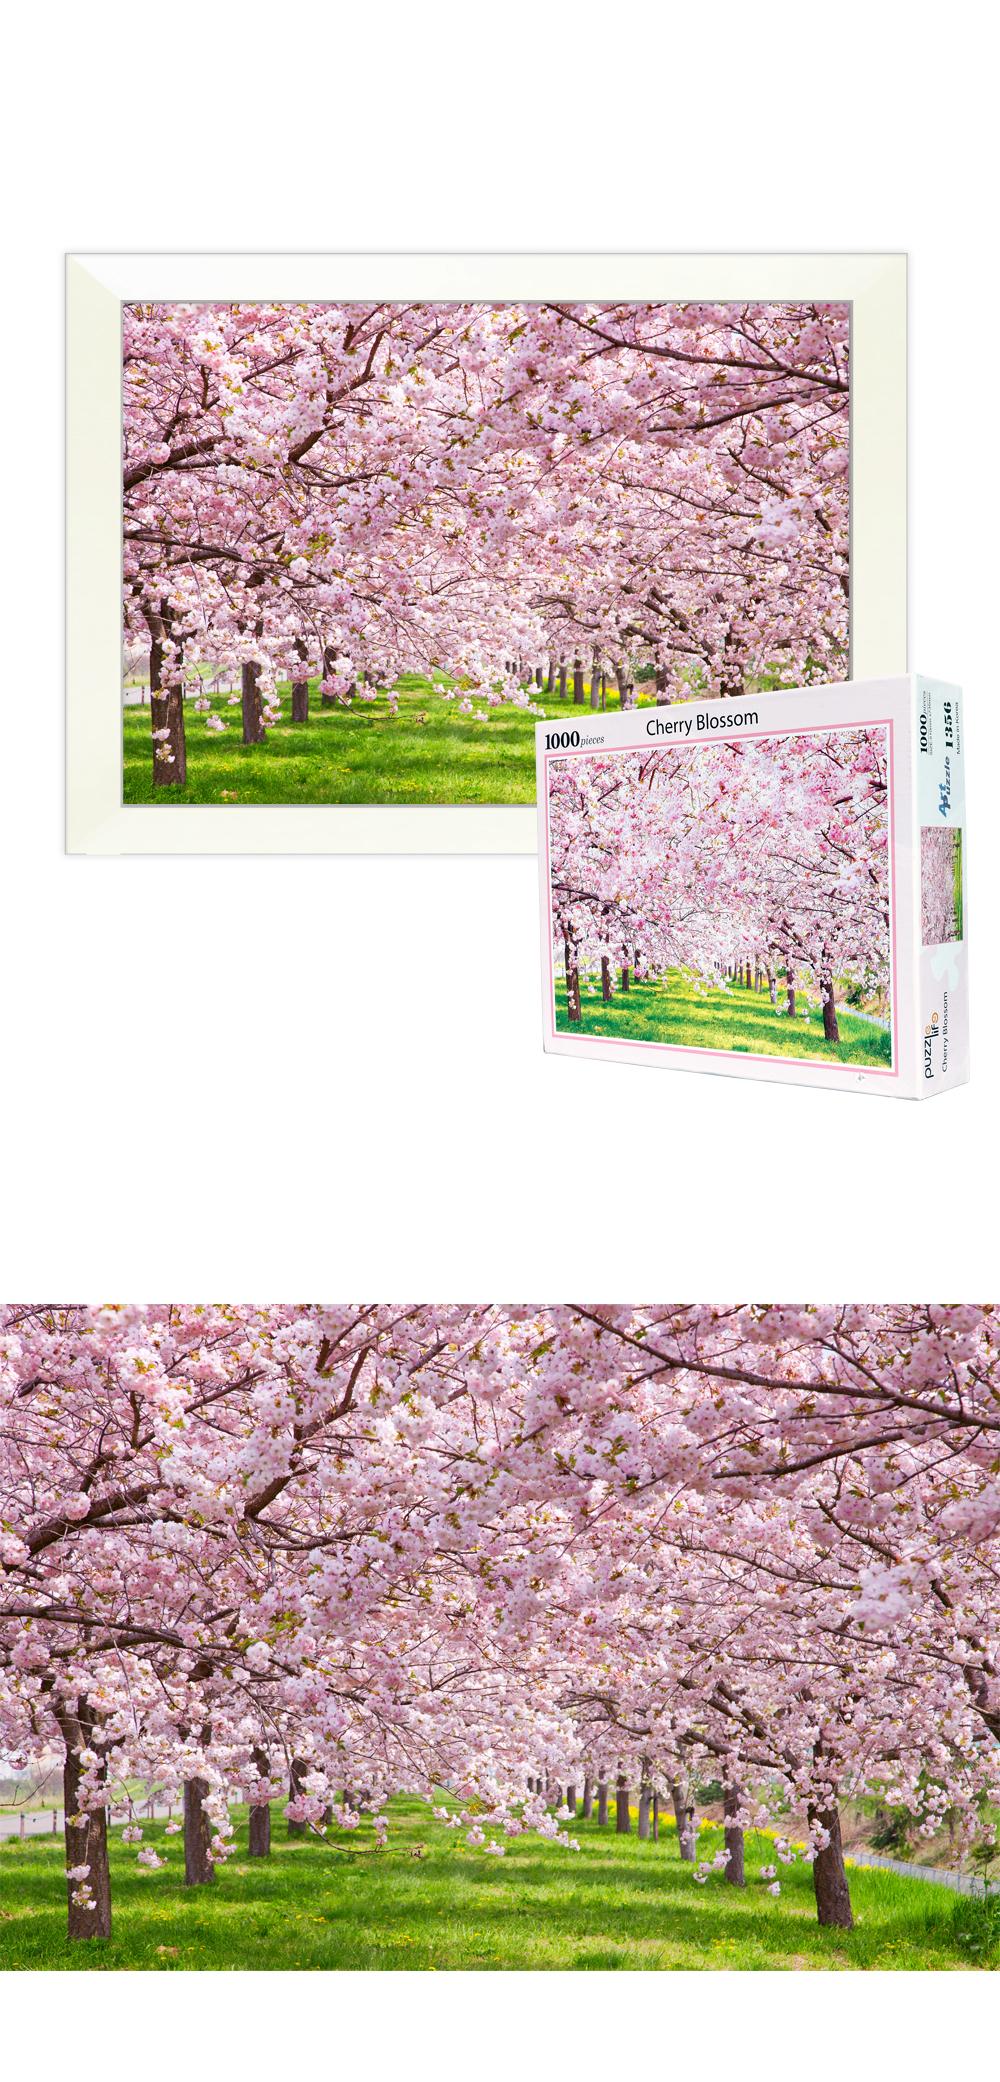 1000pcs 벚꽃  PL1356 - 퍼즐라이프, 18,000원, 조각/퍼즐, 풍경 직소퍼즐